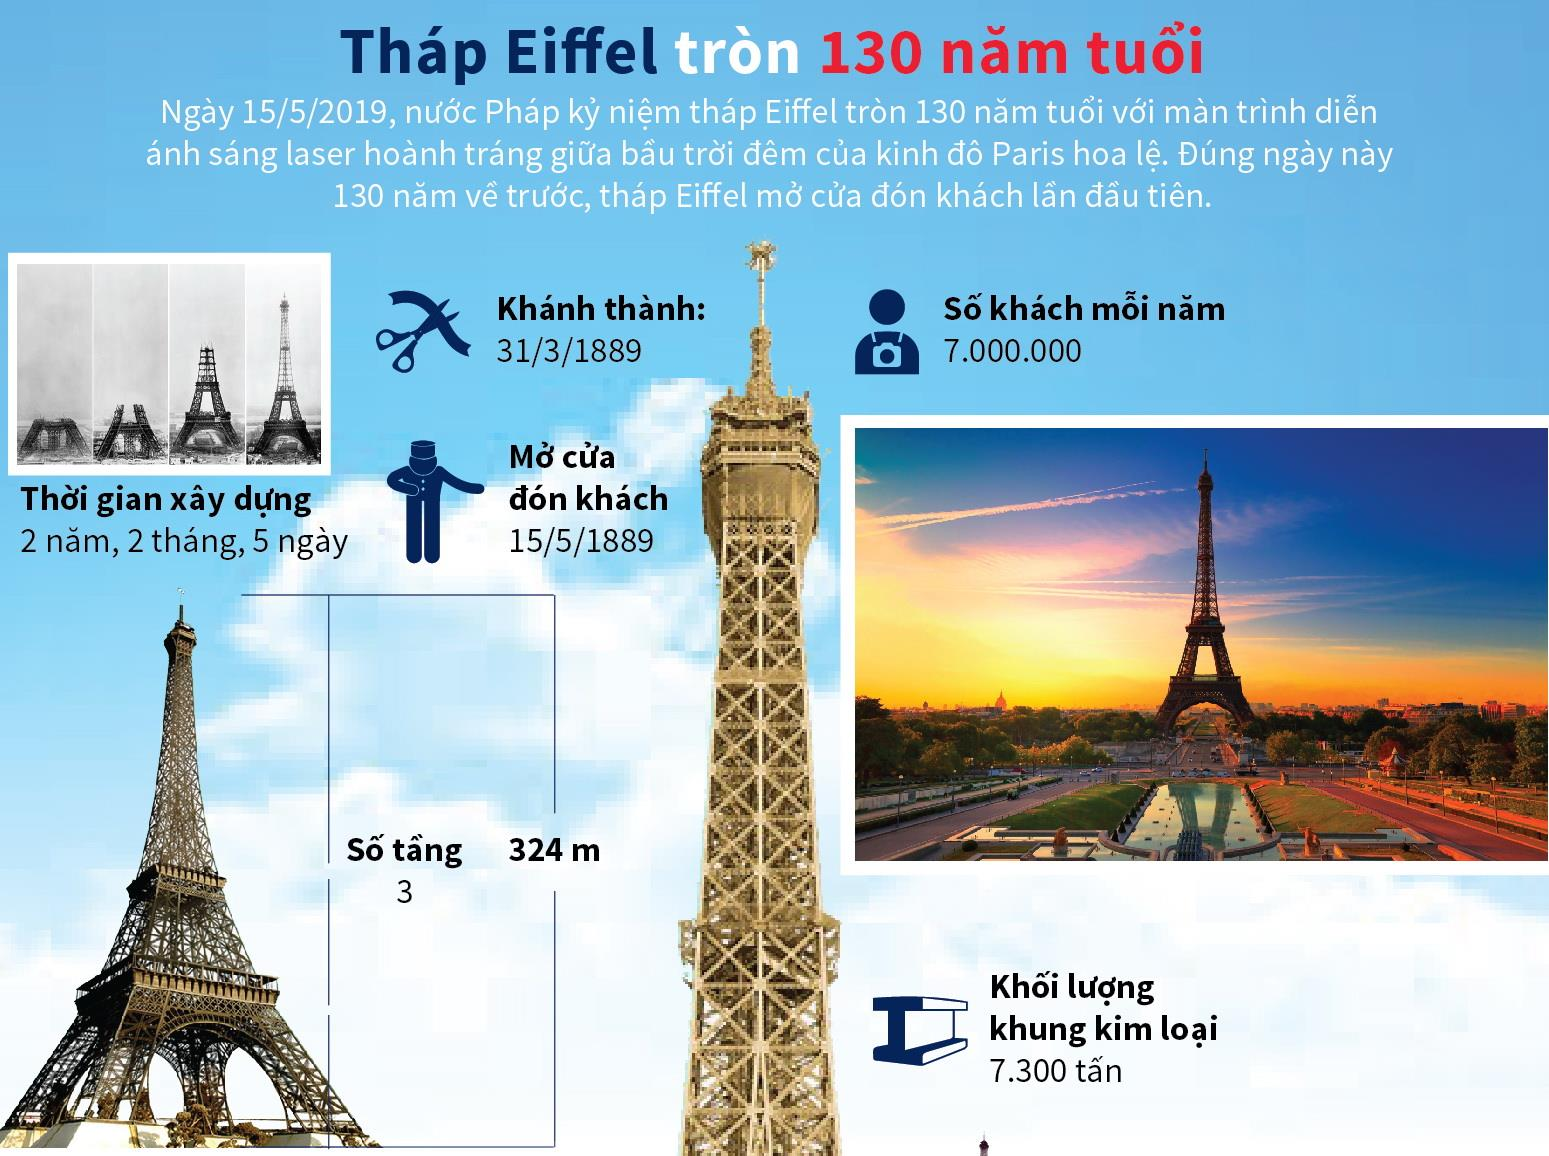 Tháp Eiffel - biểu tượng của Paris tròn 130 năm tuổi